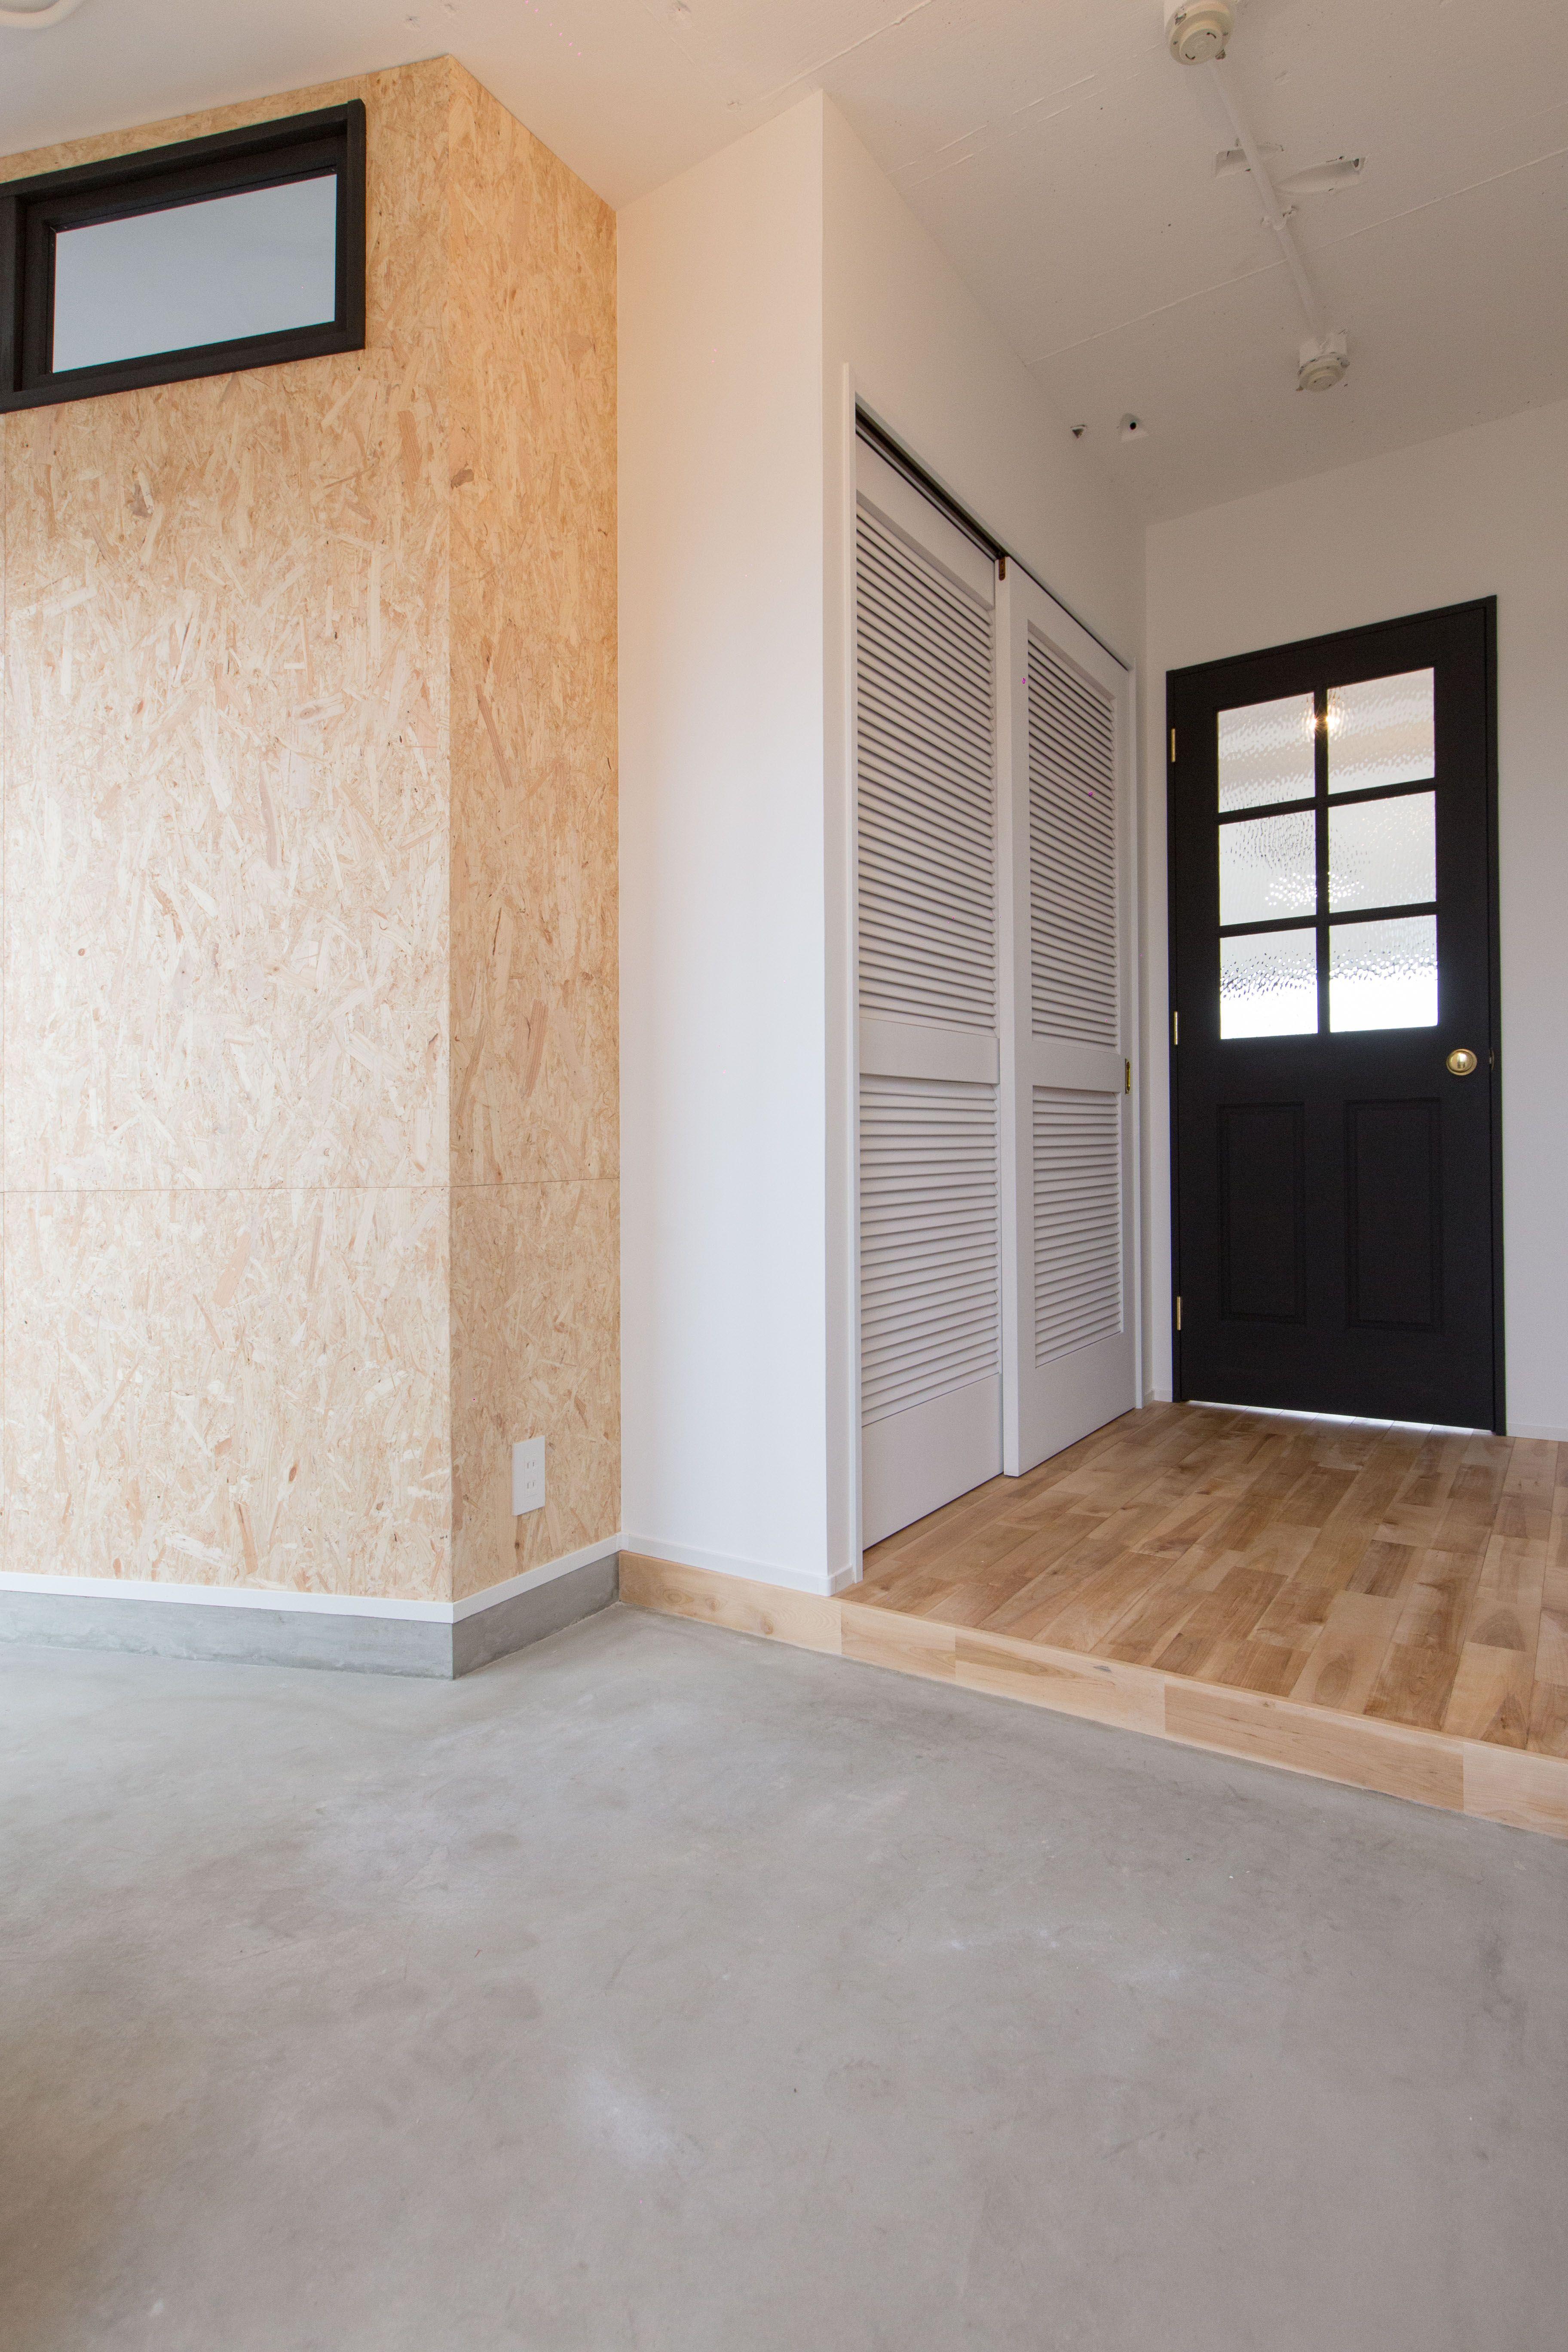 アメリカン風の玄関になっています 土間の色合いと黒い扉と室内窓がとってもかっこいいですね 室内窓 玄関土間 土間 玄関 リノベーション 横浜 リノベーション リノベーション 玄関 リノベーション 室内窓